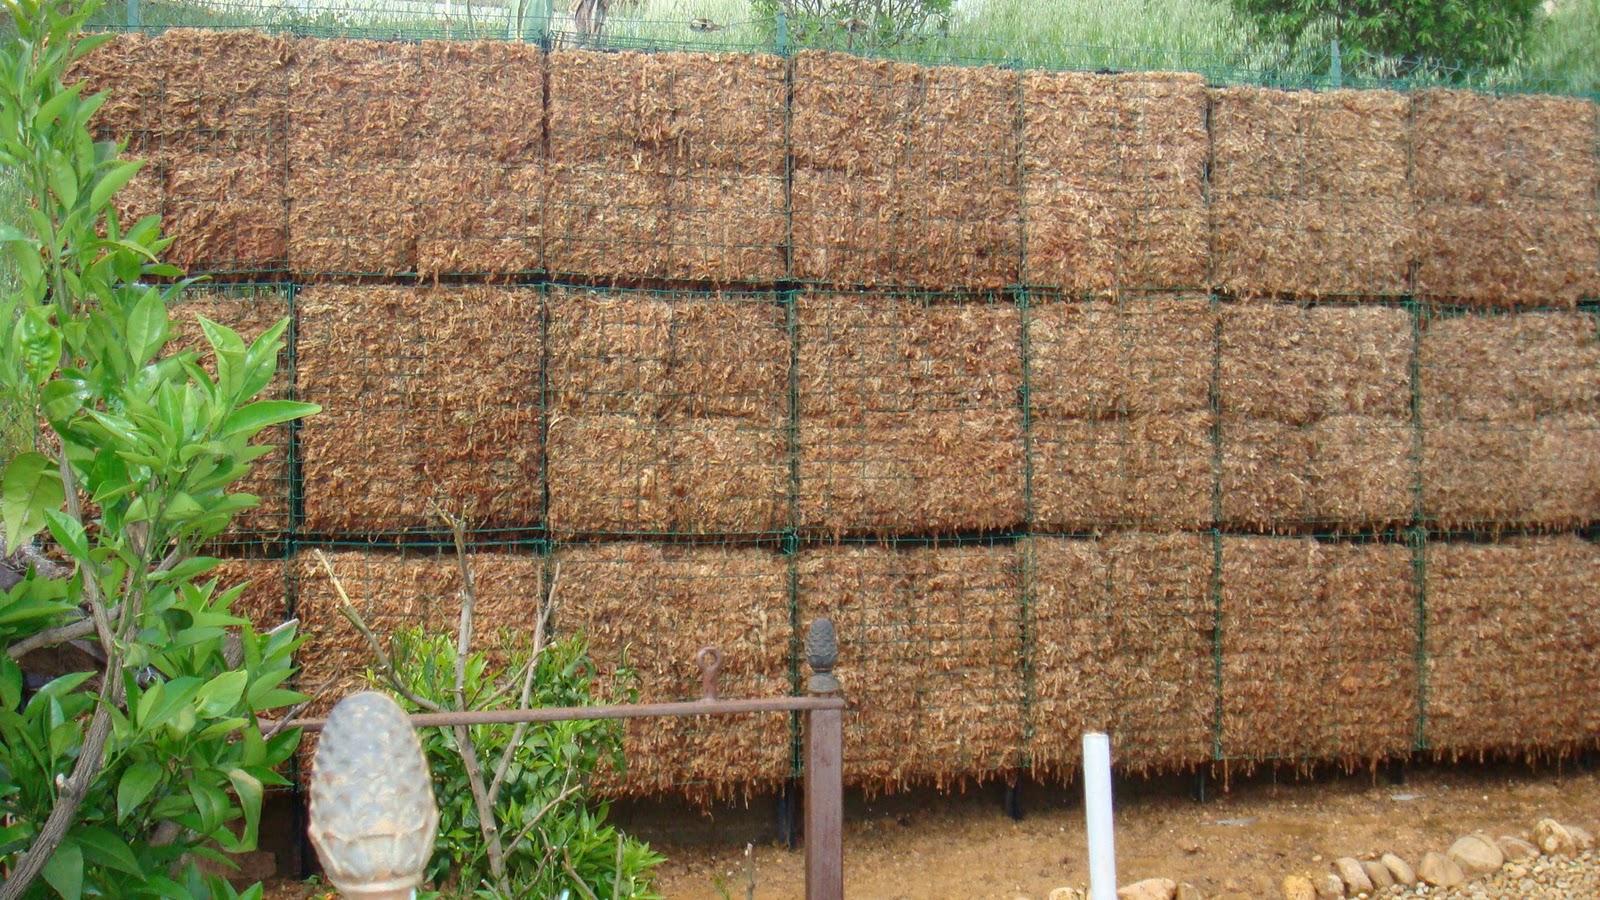 Arrels jardines verticales estructuras para jardineria for Estructuras de jardin